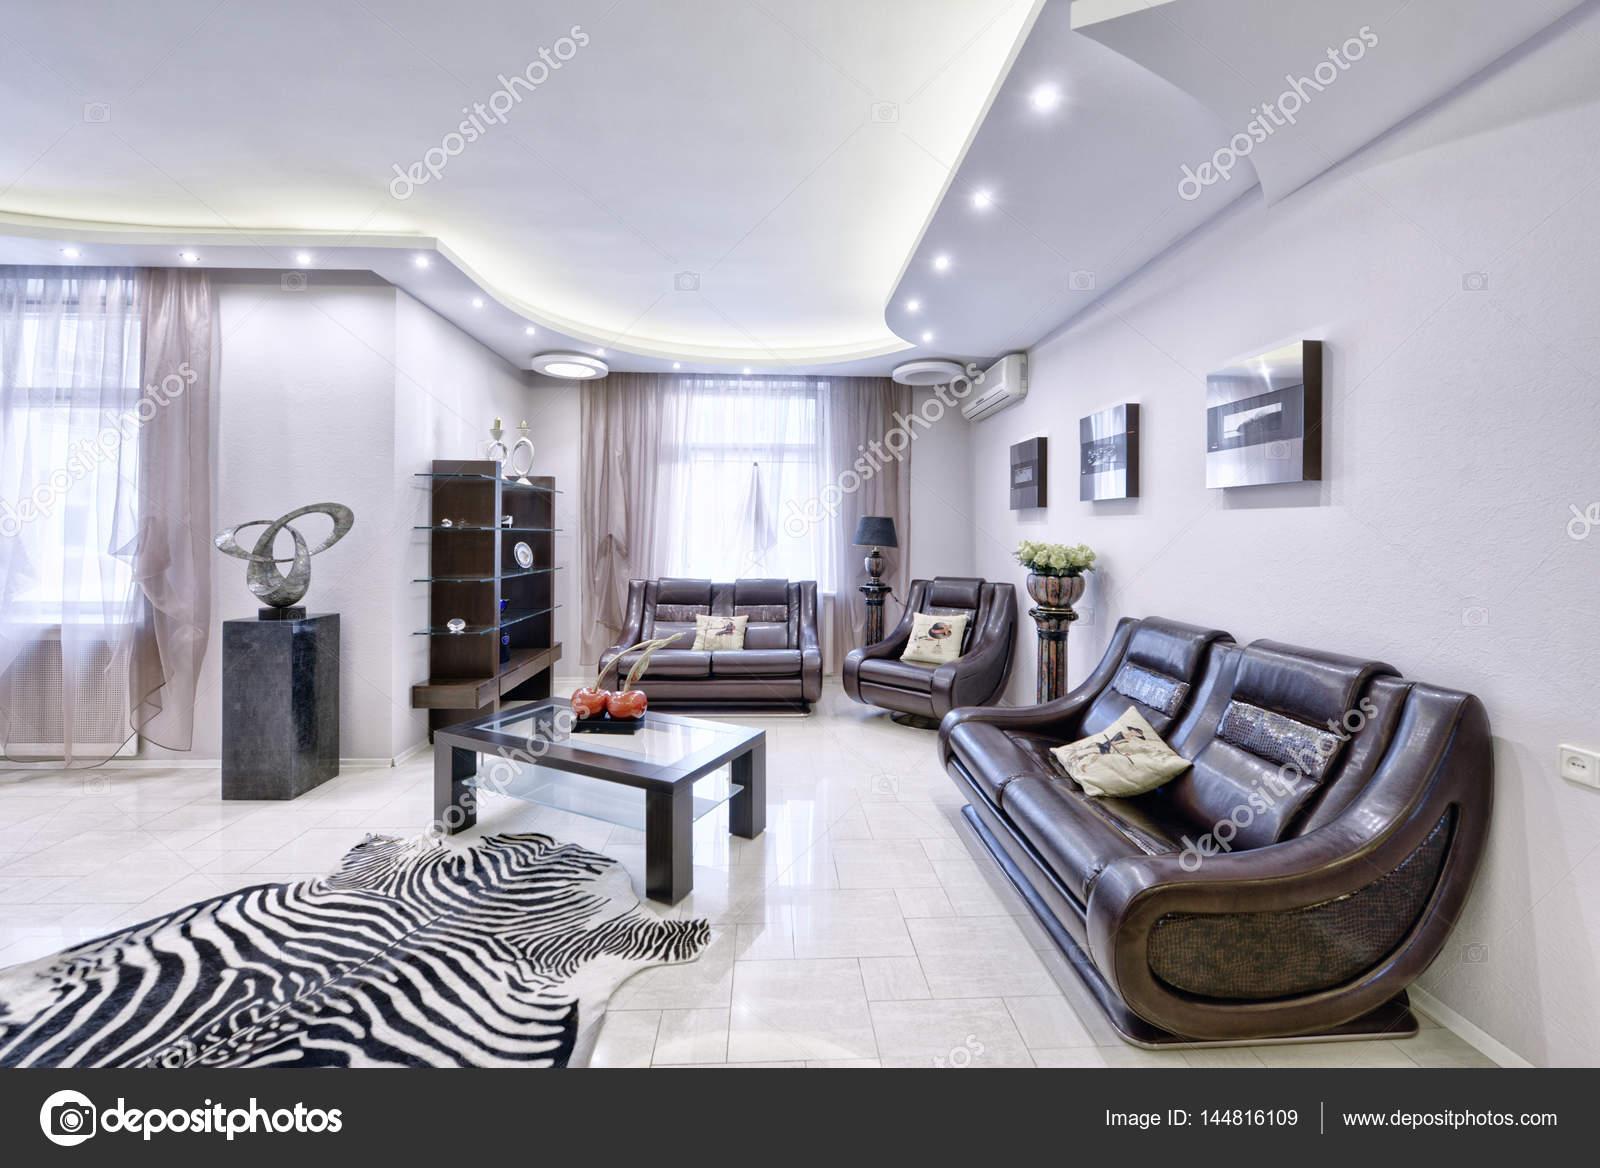 Moderno dise o de interiores living comedor inmobiliario for Disenos de living